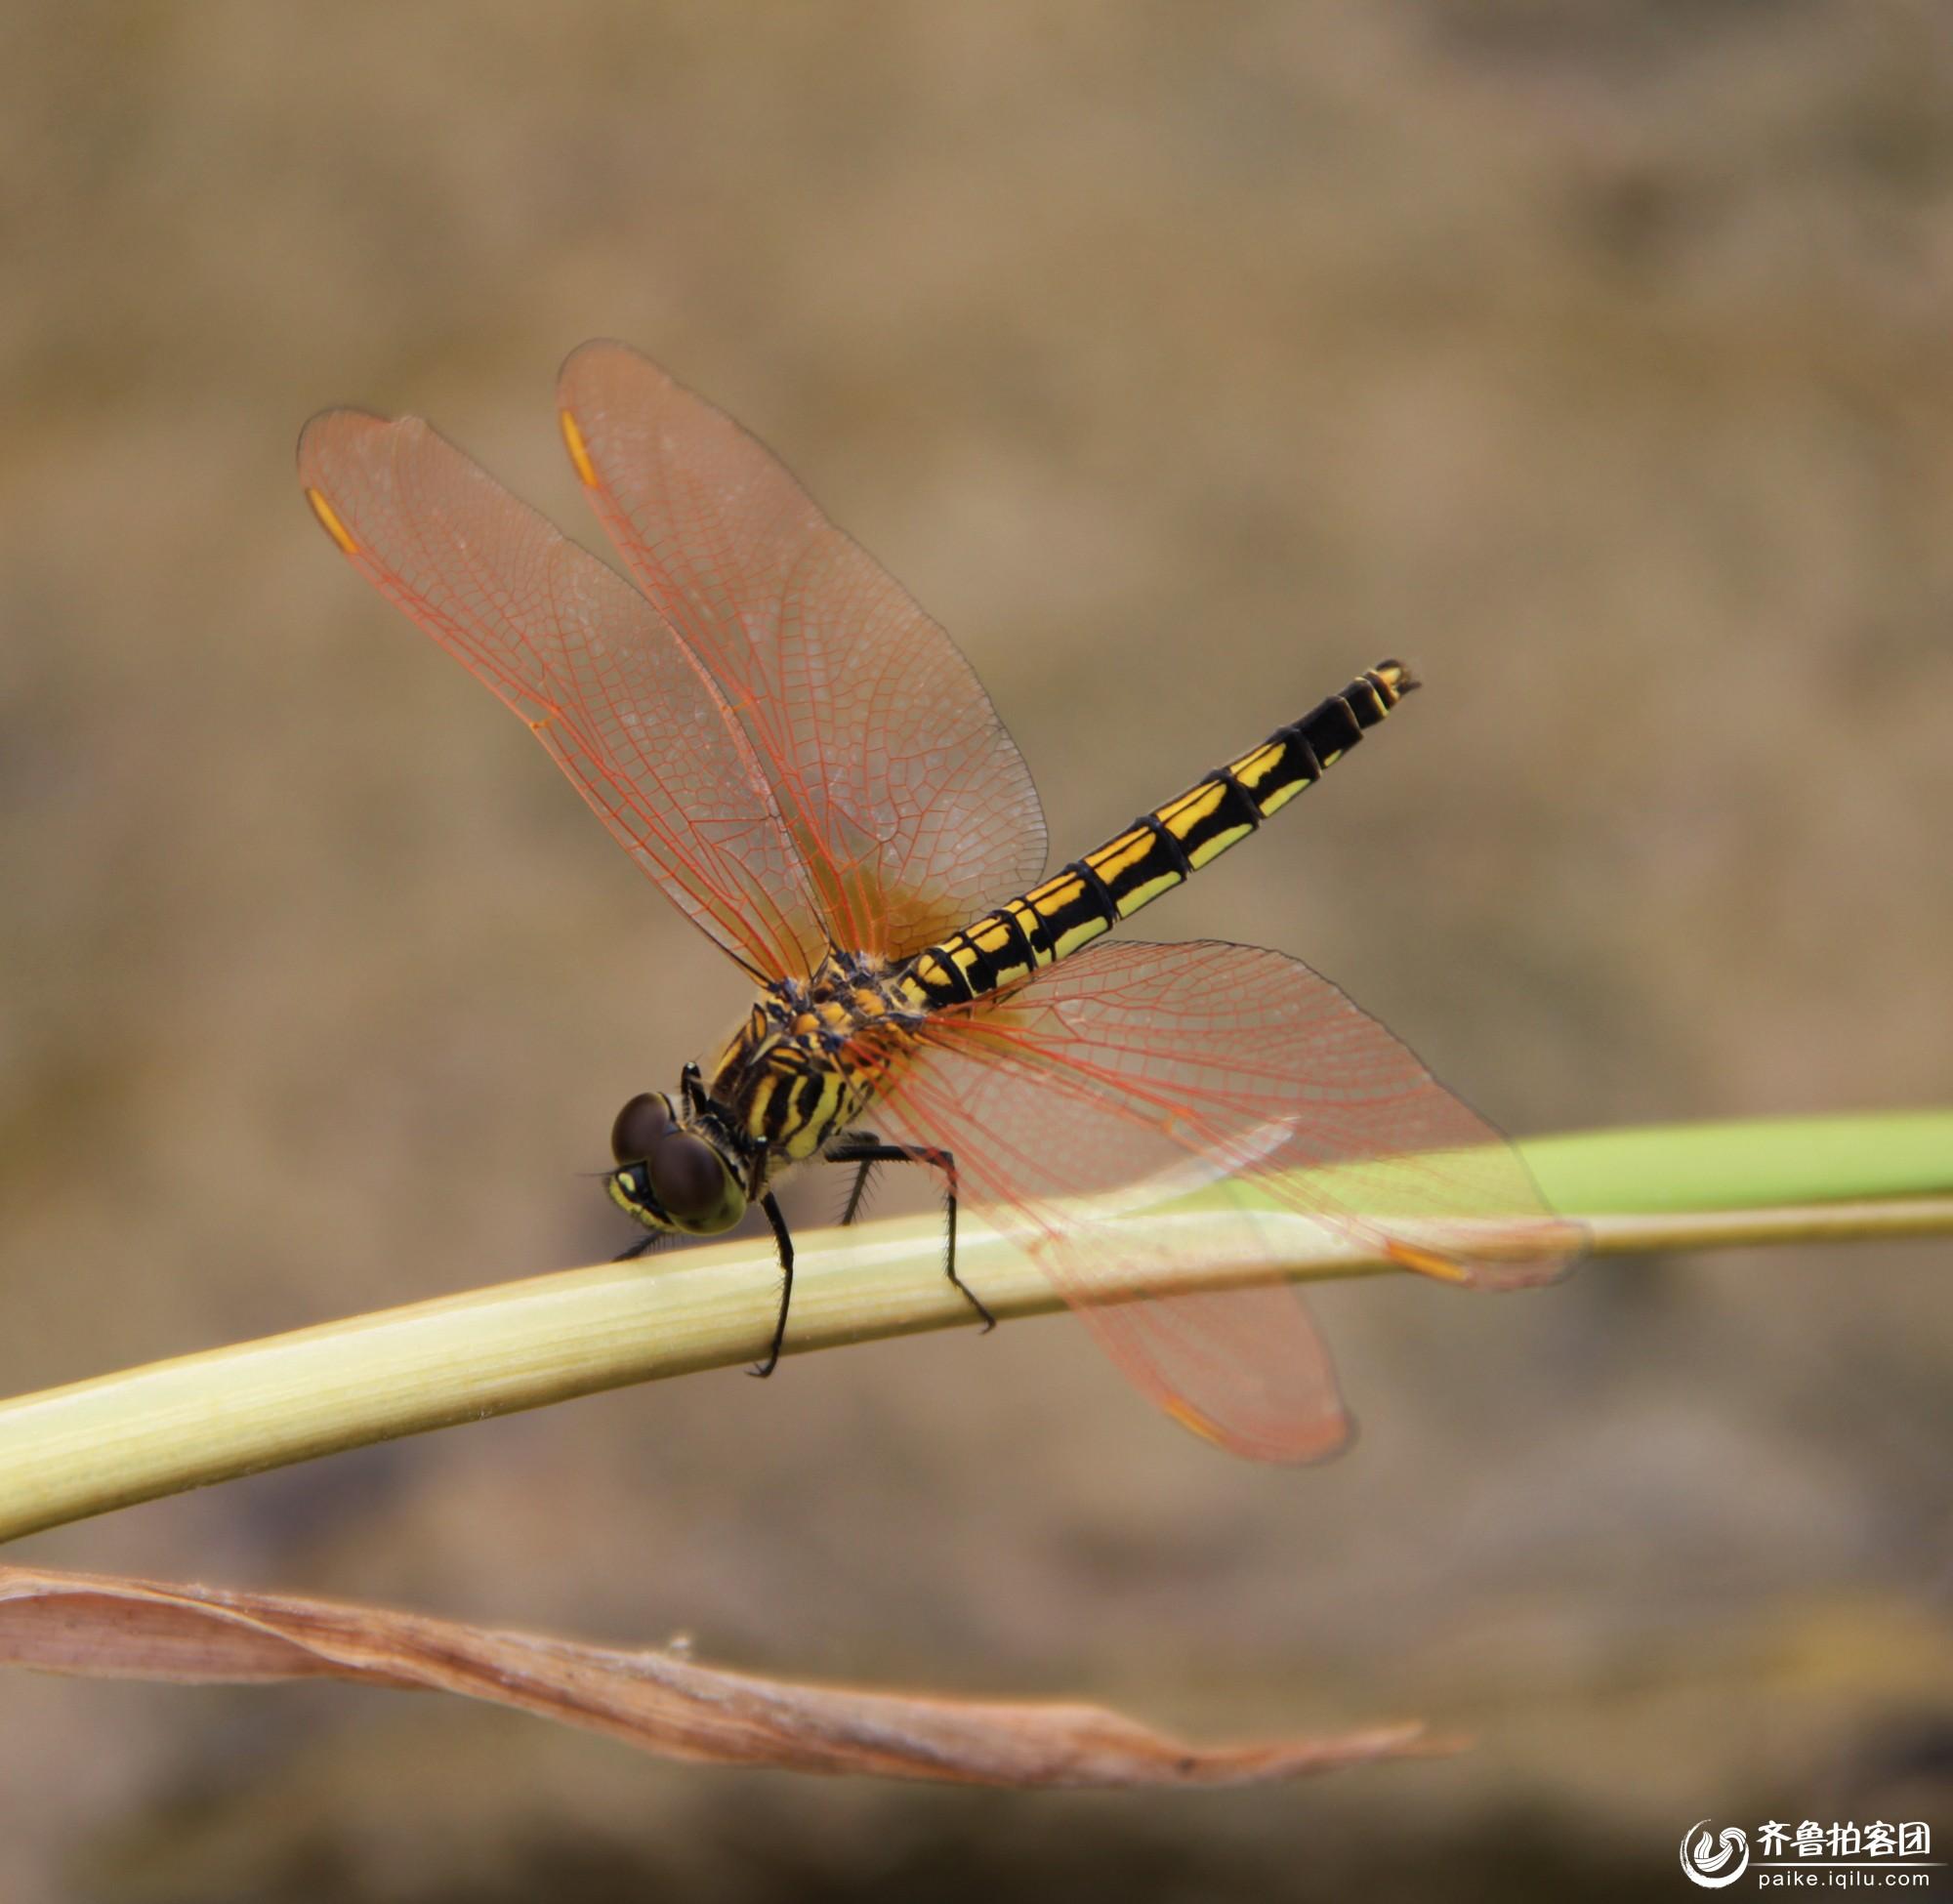 蜻蜓的生活环境